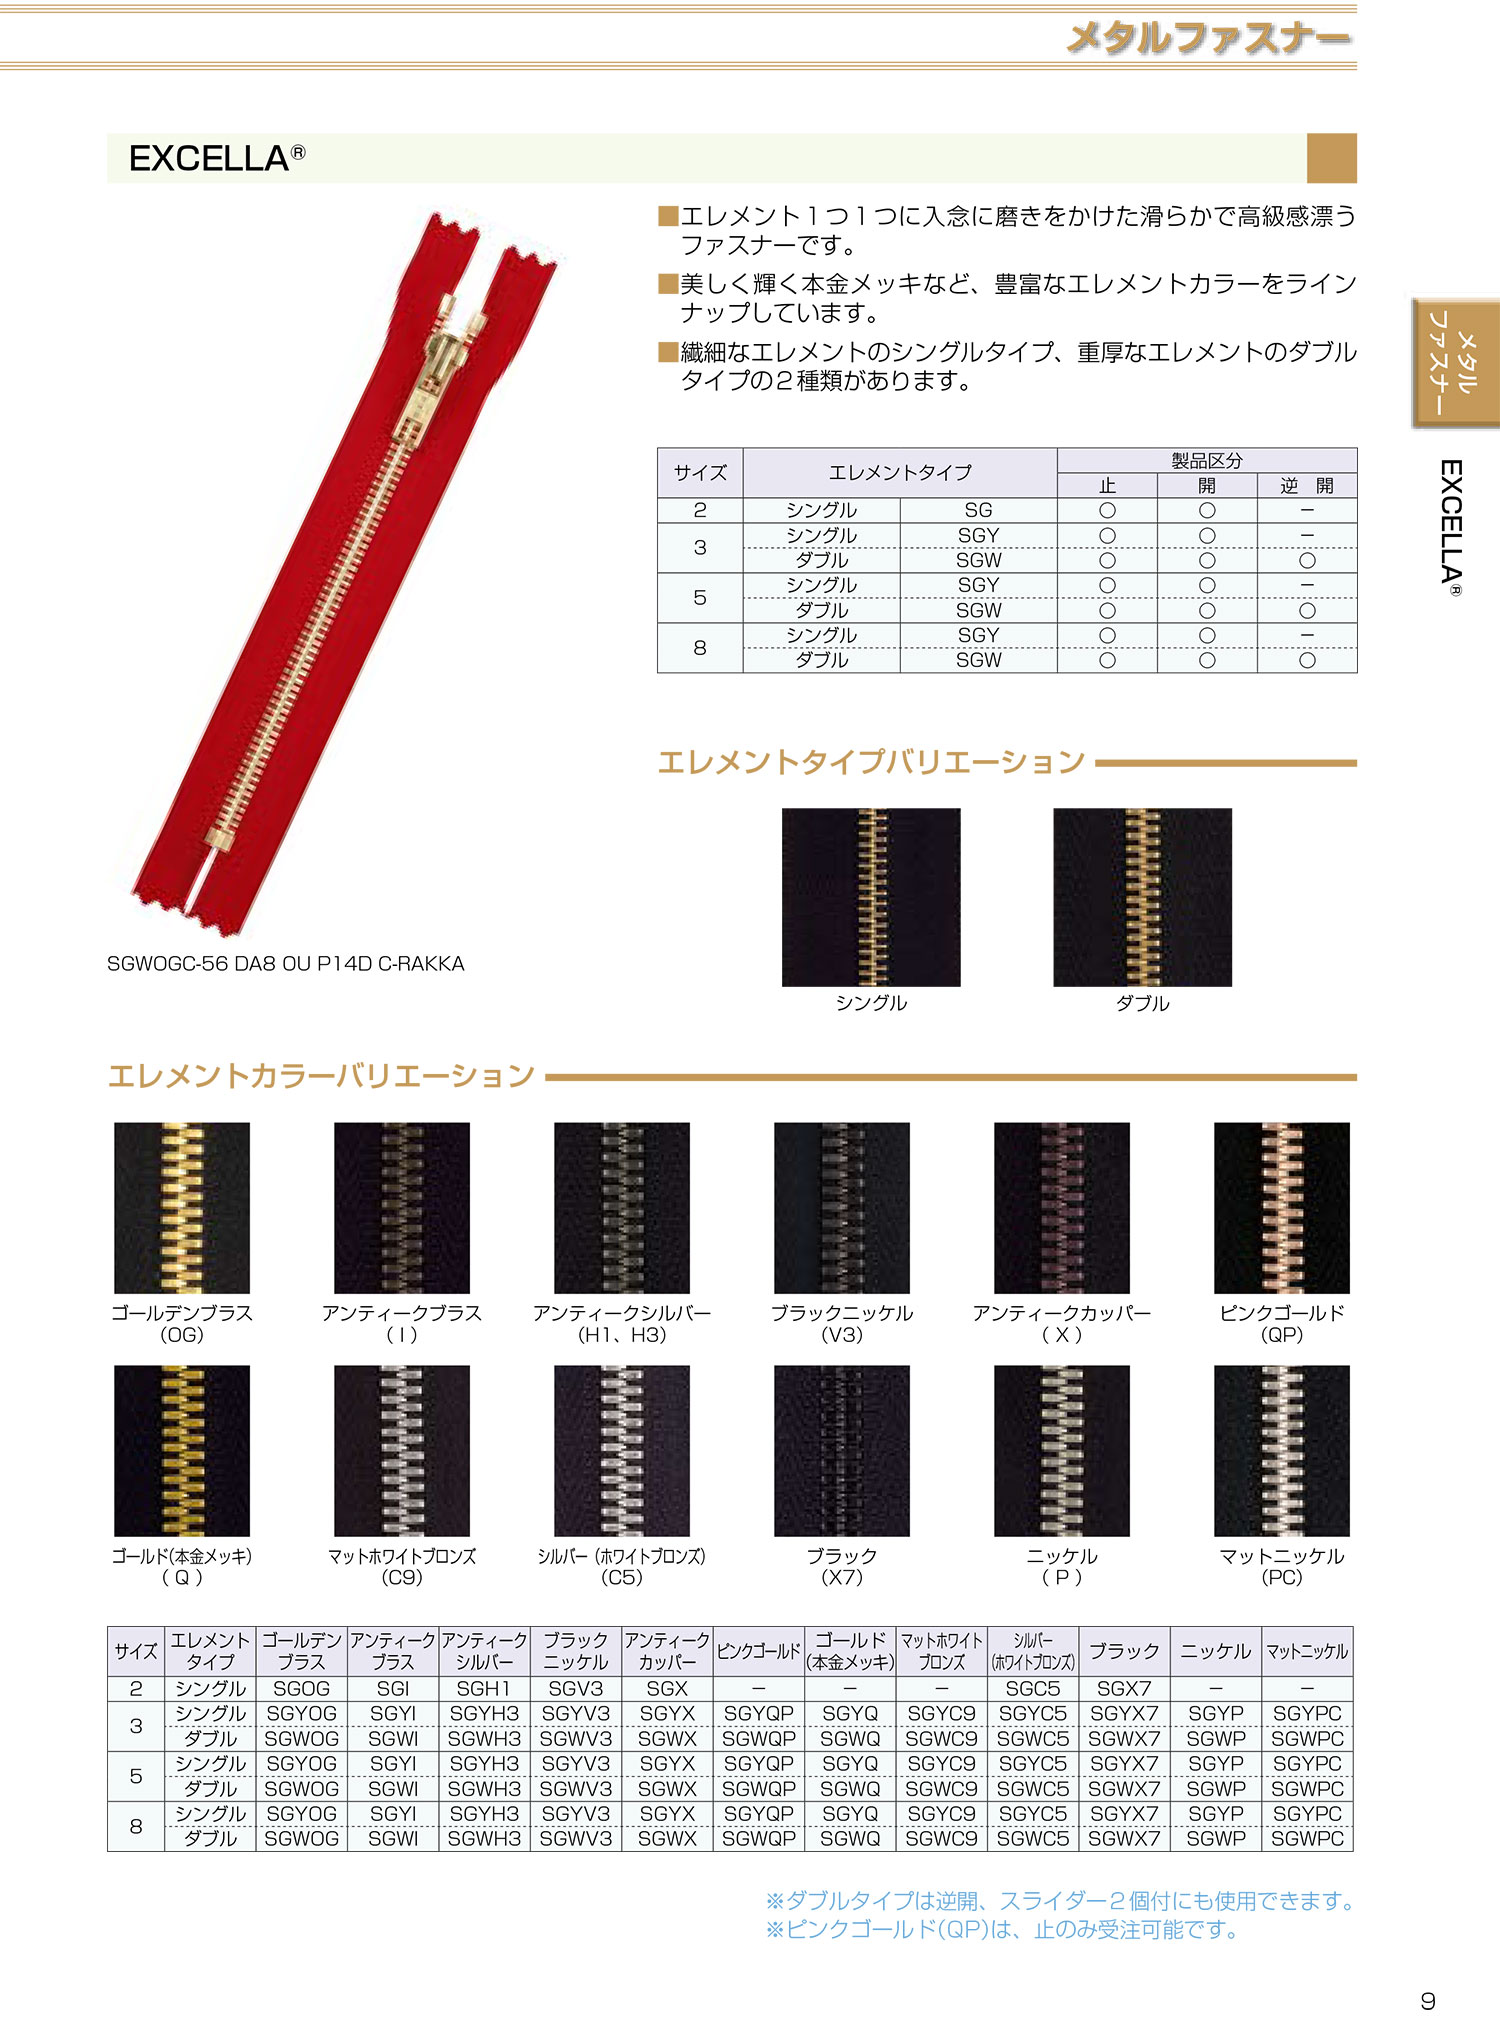 3SGWXC エクセラ 3サイズ アンティークカッパー 止め ダブル[ファスナー] YKK/オークラ商事 - ApparelX アパレル資材卸通販